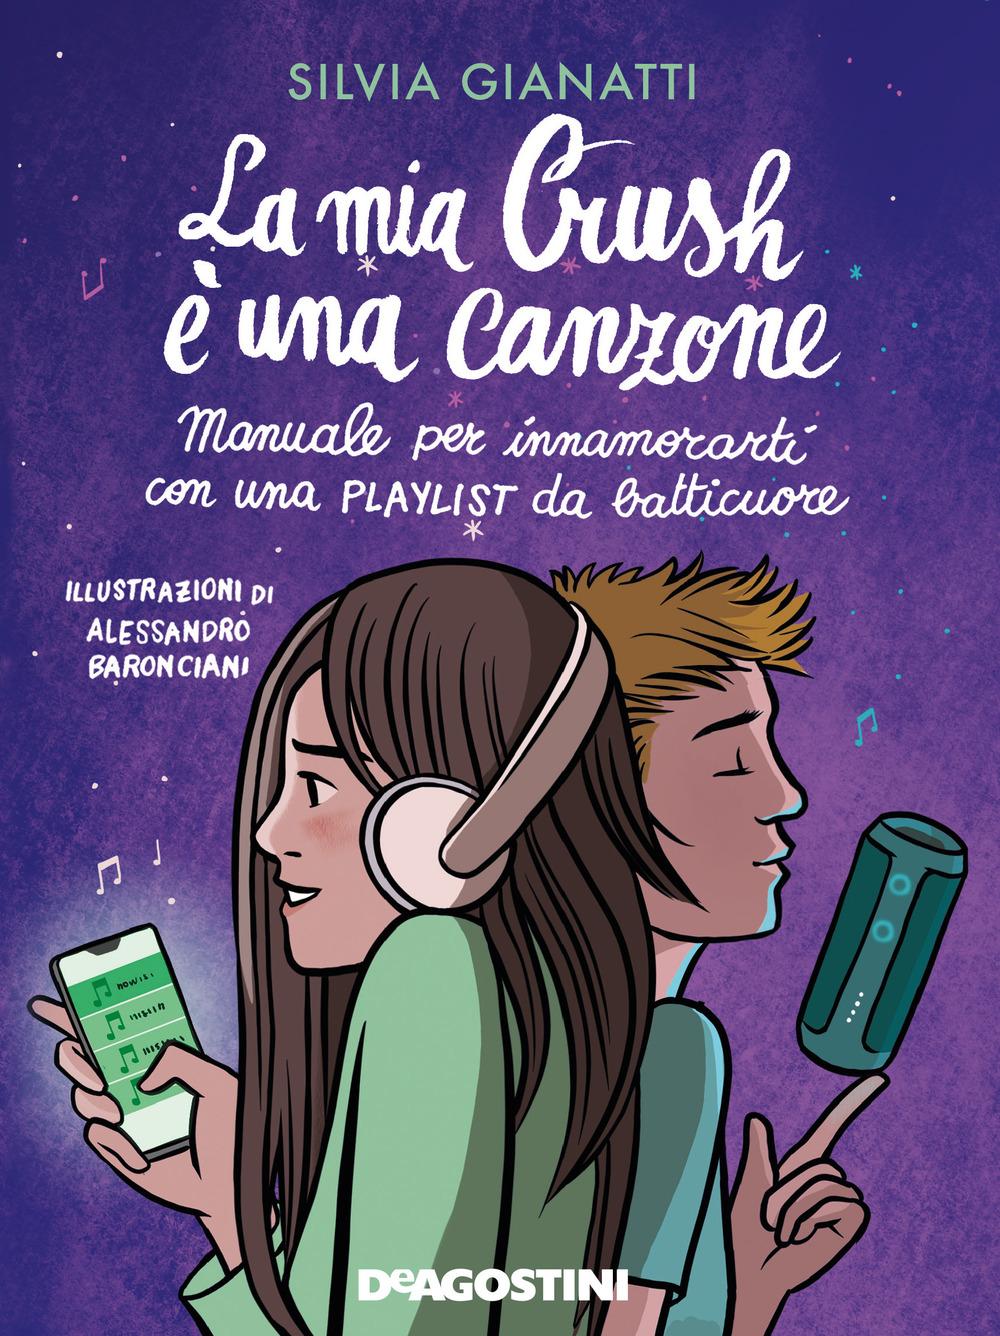 La mia Crush è una canzone. Manuale per innamorati con una playlist da batticuore